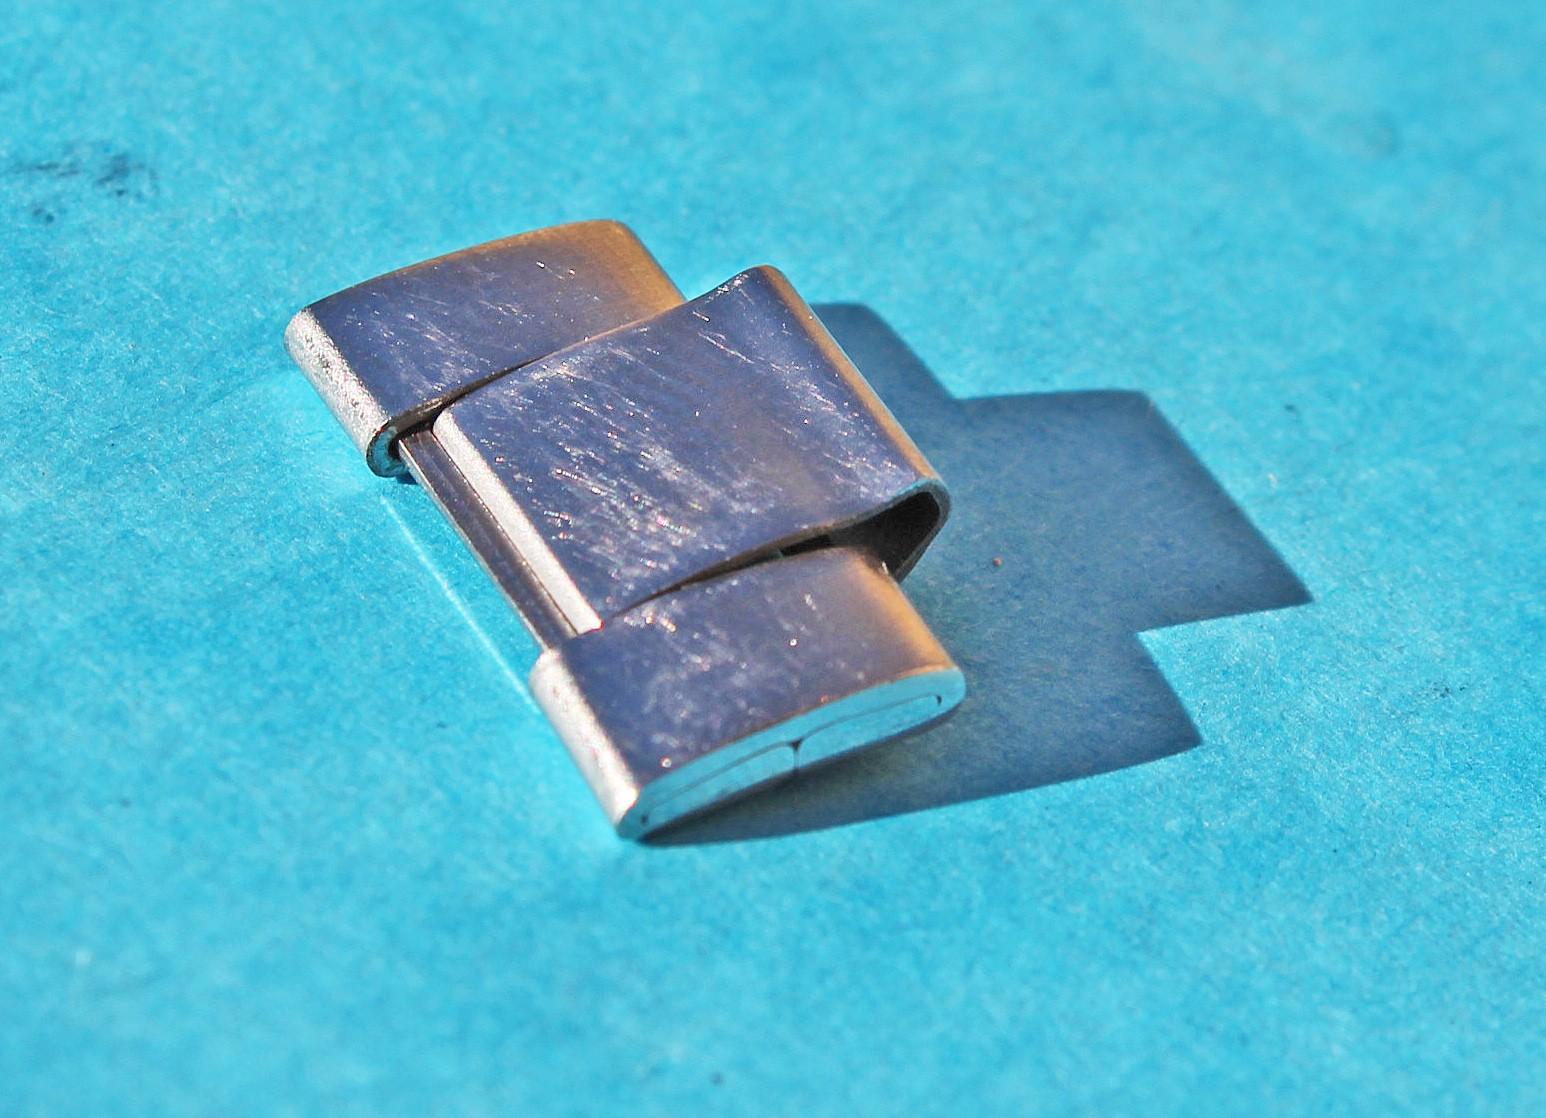 MAILLON 9315 / 7836 PLIE ROLEX TUDOR BRACELET VINTAGE 18.92mm